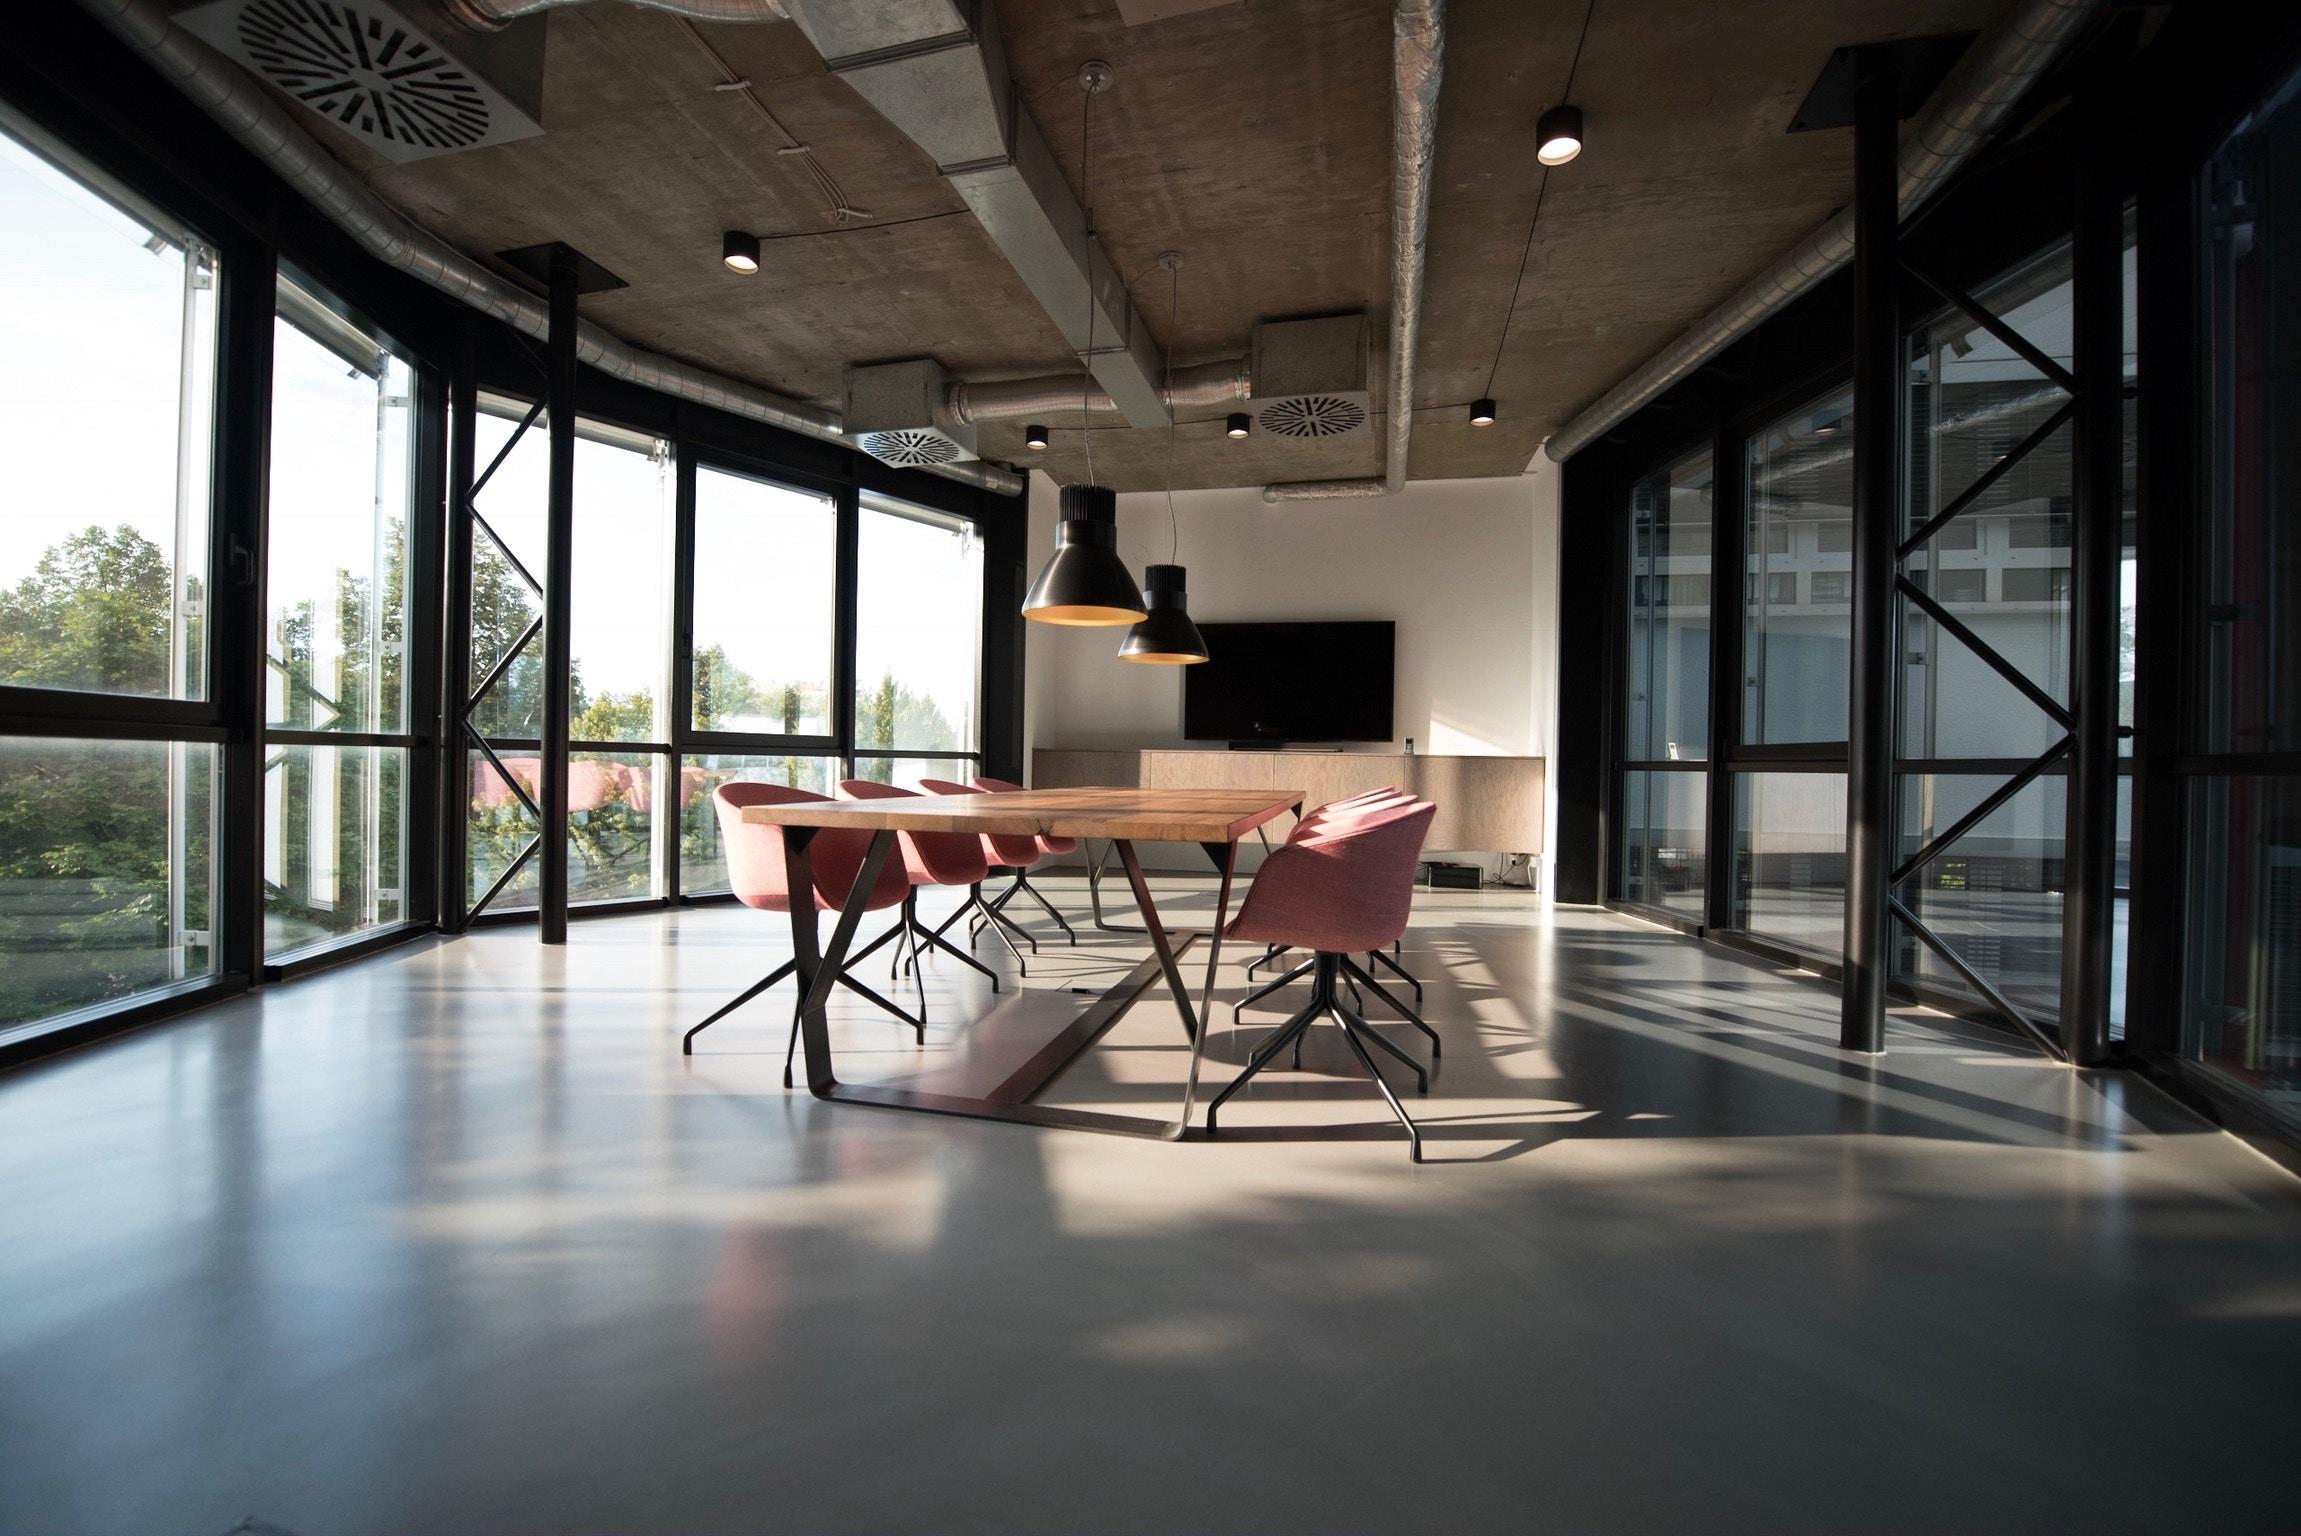 Können Büromöbel einen positiven Einfluss auf die Produktivität haben?